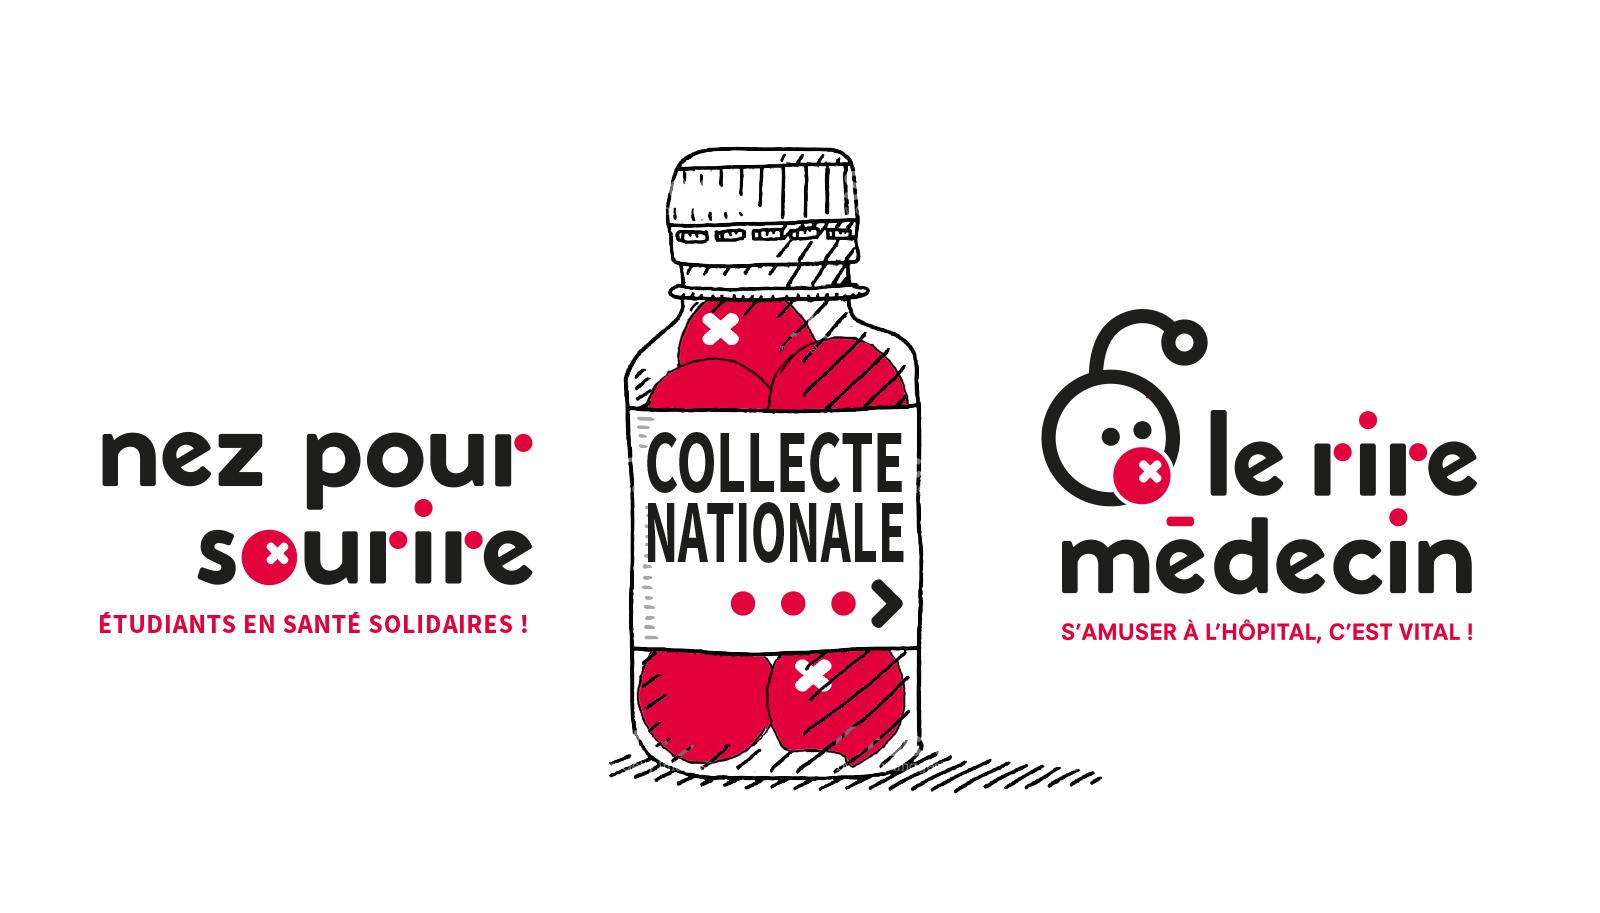 Nez pour Sourire 2018 : bientôt la collecte nationale!